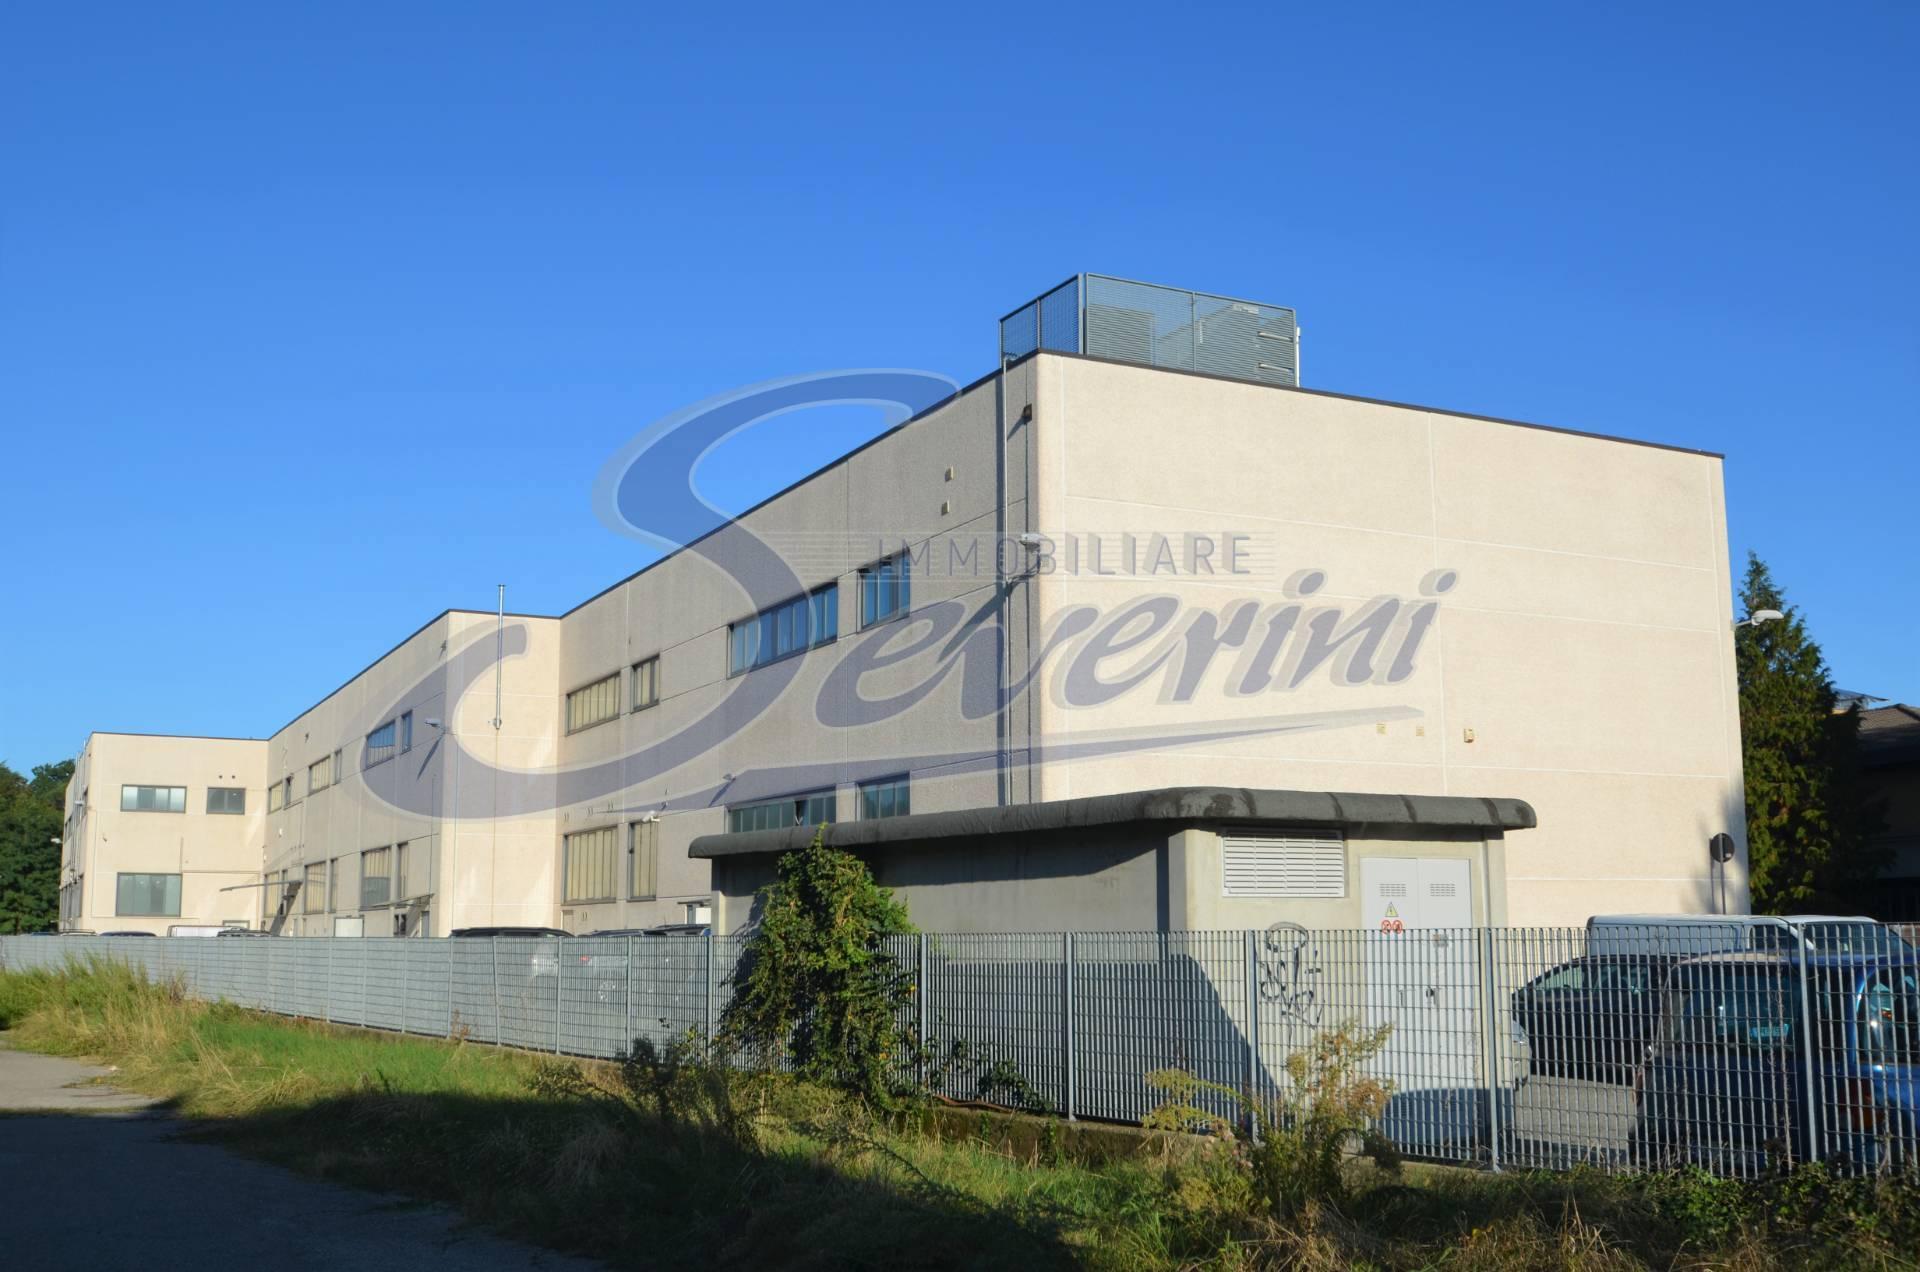 Negozio / Locale in vendita a Lurate Caccivio, 9999 locali, prezzo € 130.000 | CambioCasa.it